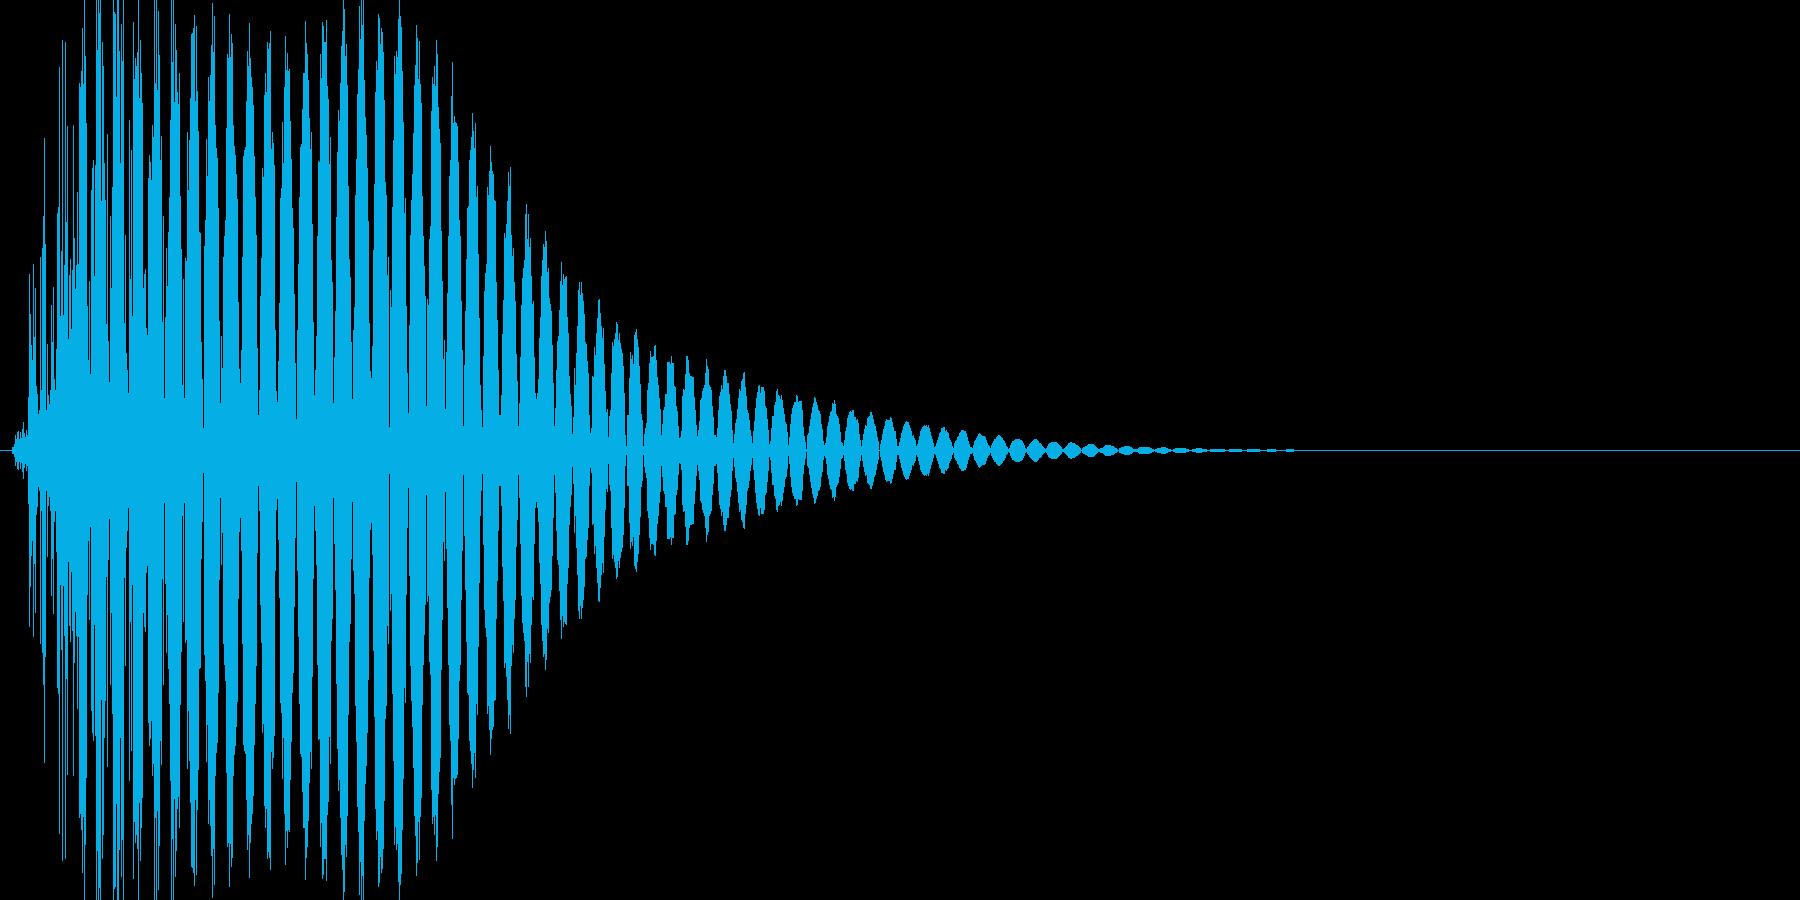 ボタン・カーソル・操作音 「ポッ」の再生済みの波形